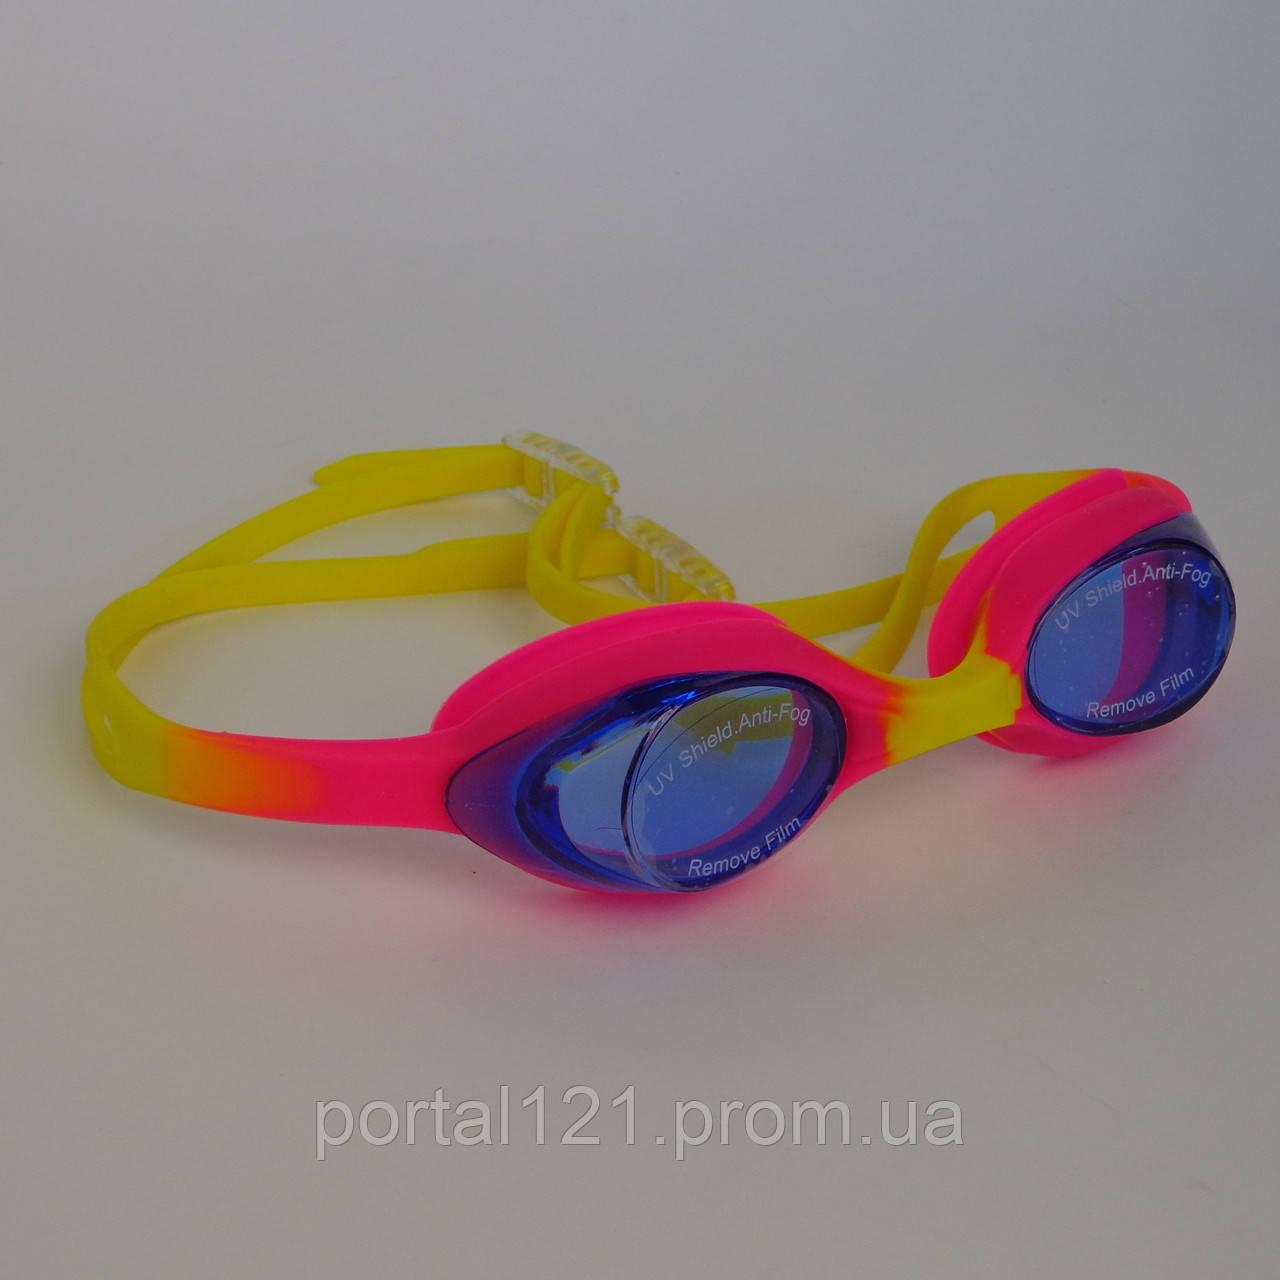 Очки для плавания детские SPEEDO цветные